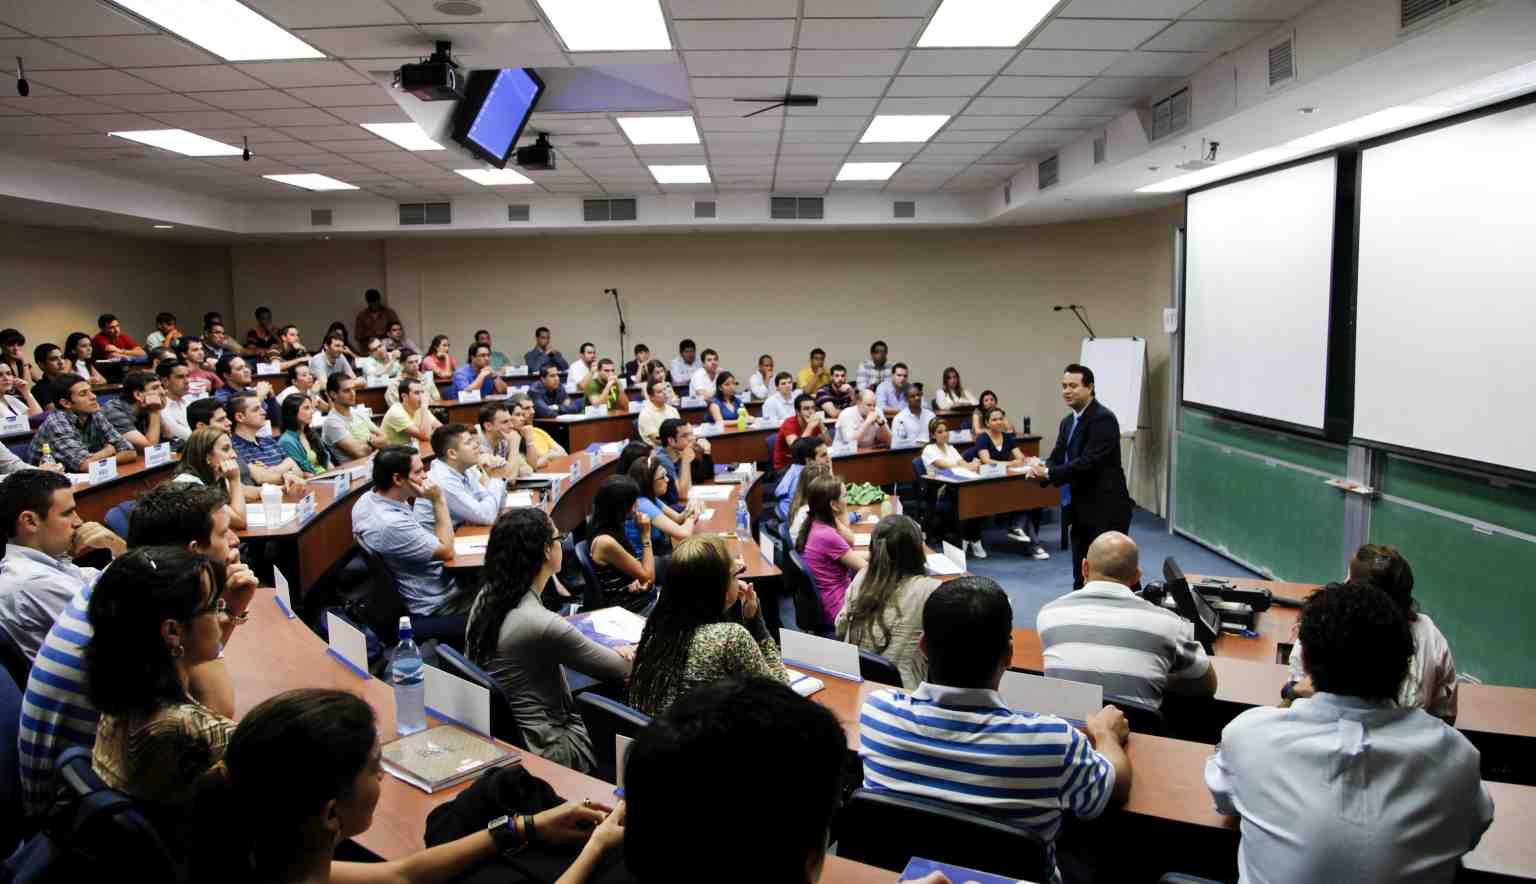 Educación: Universidades, Colegios, Institutos y Escuelas de Negocios